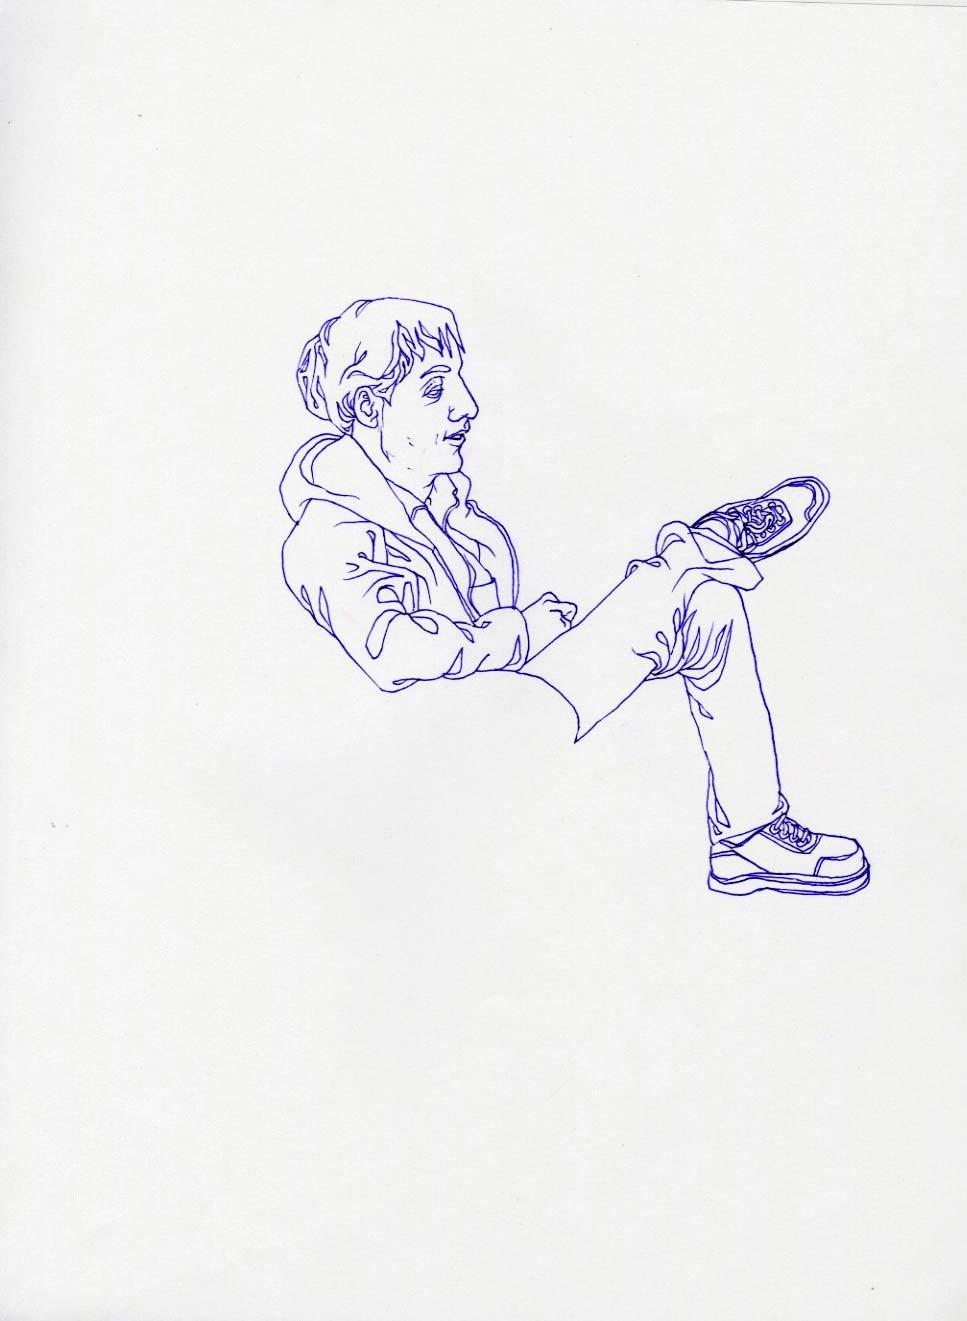 drawings4022.jpg